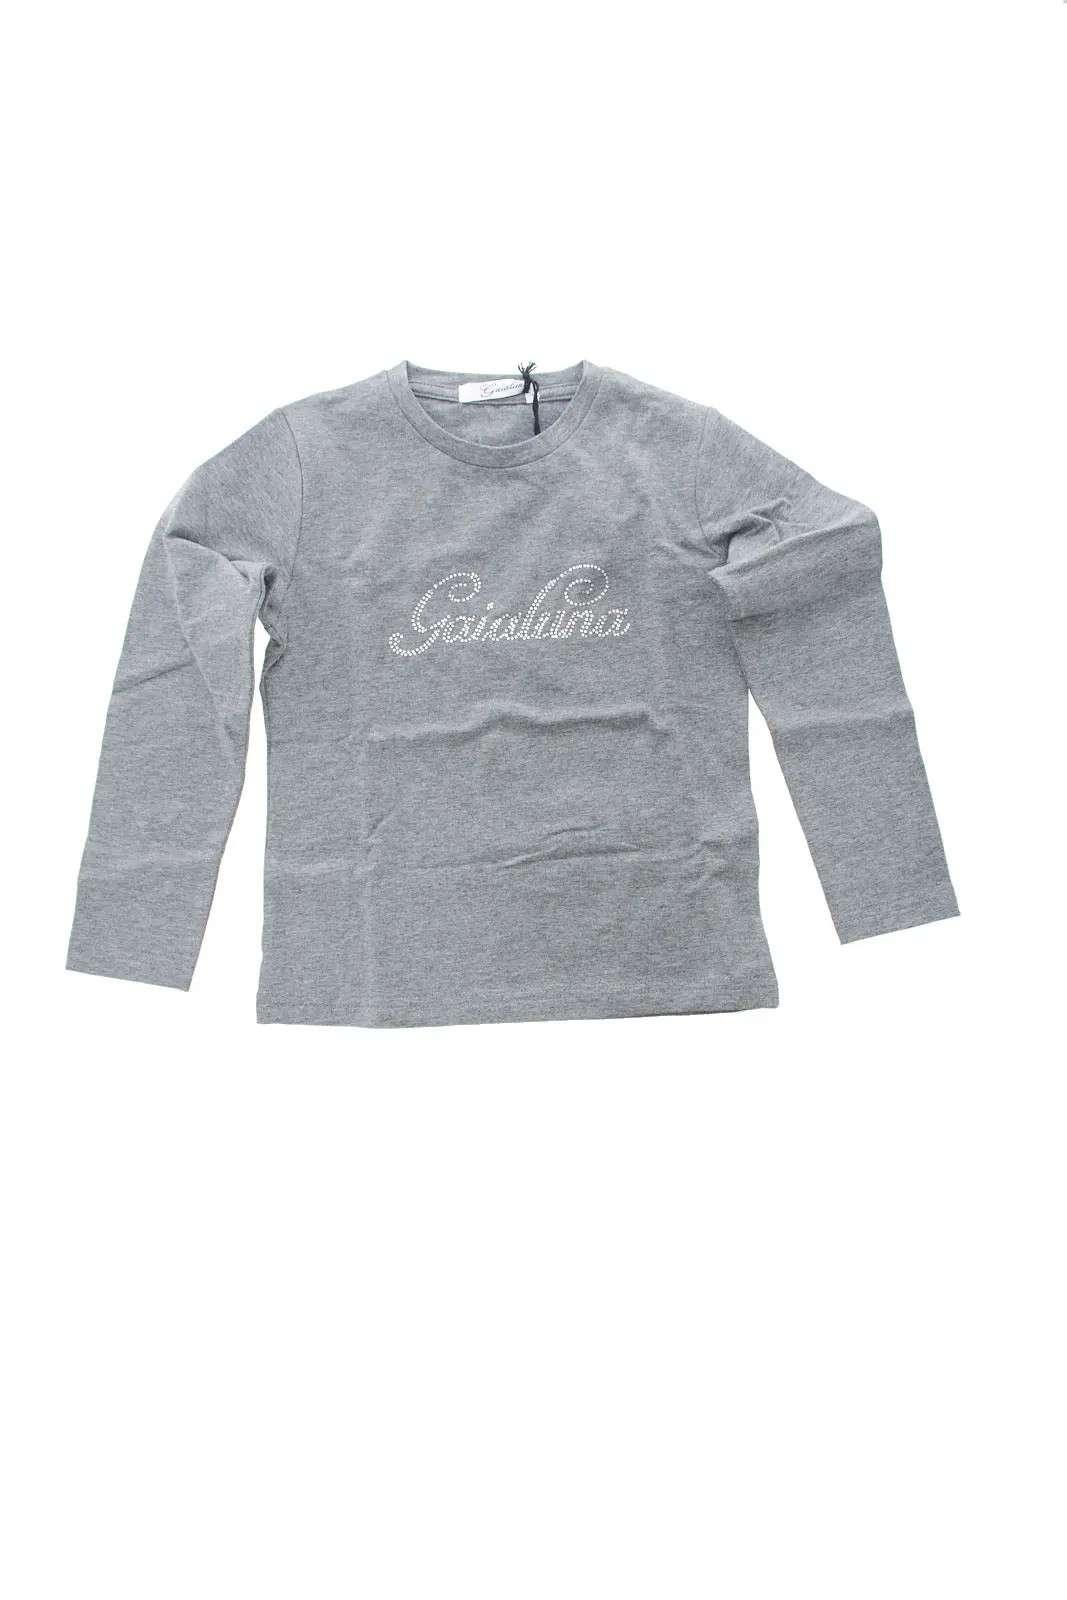 Scopri le nuove T shirt a maniche lunghe proposte dalla collezione bambina Gaialuna Basic. Il tessuto in cotone ed elastan è impreziosito dal logo Gaialuna con strass sul davanti. Perfetta sia da indossare sola che sotto una felpa è un capo trendy ed essential.